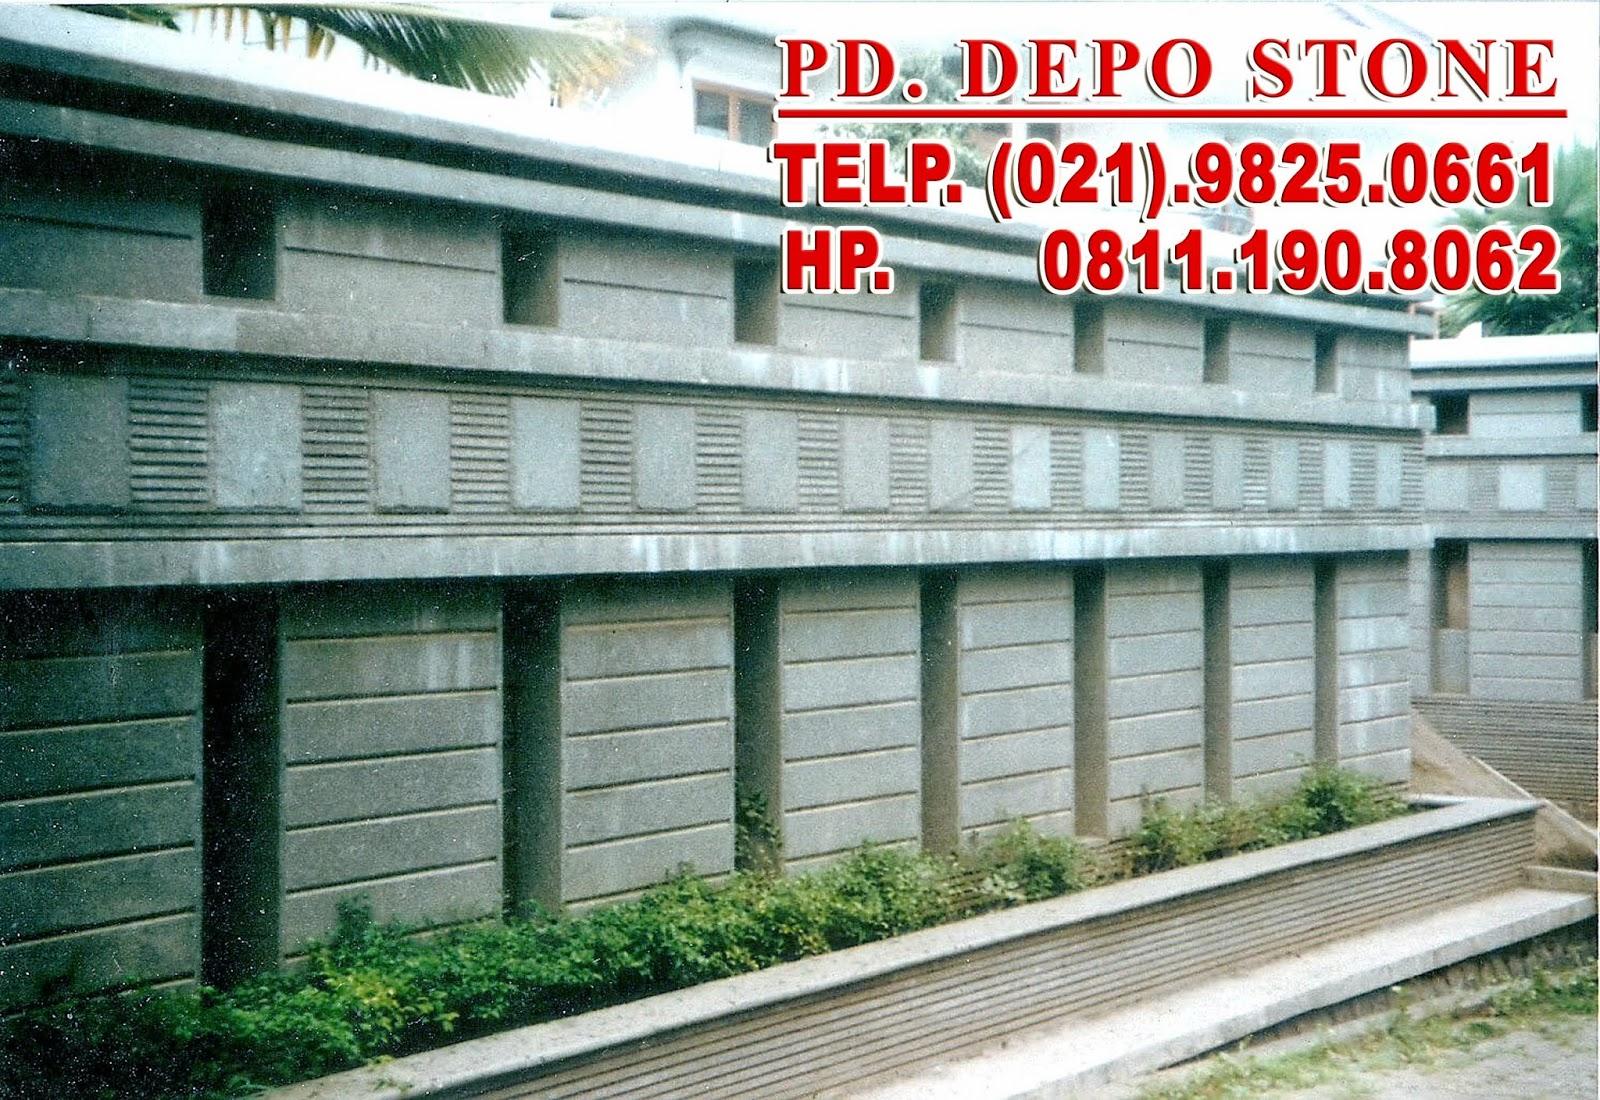 batu alam depo stone bintaro contoh pemasangan dan nama